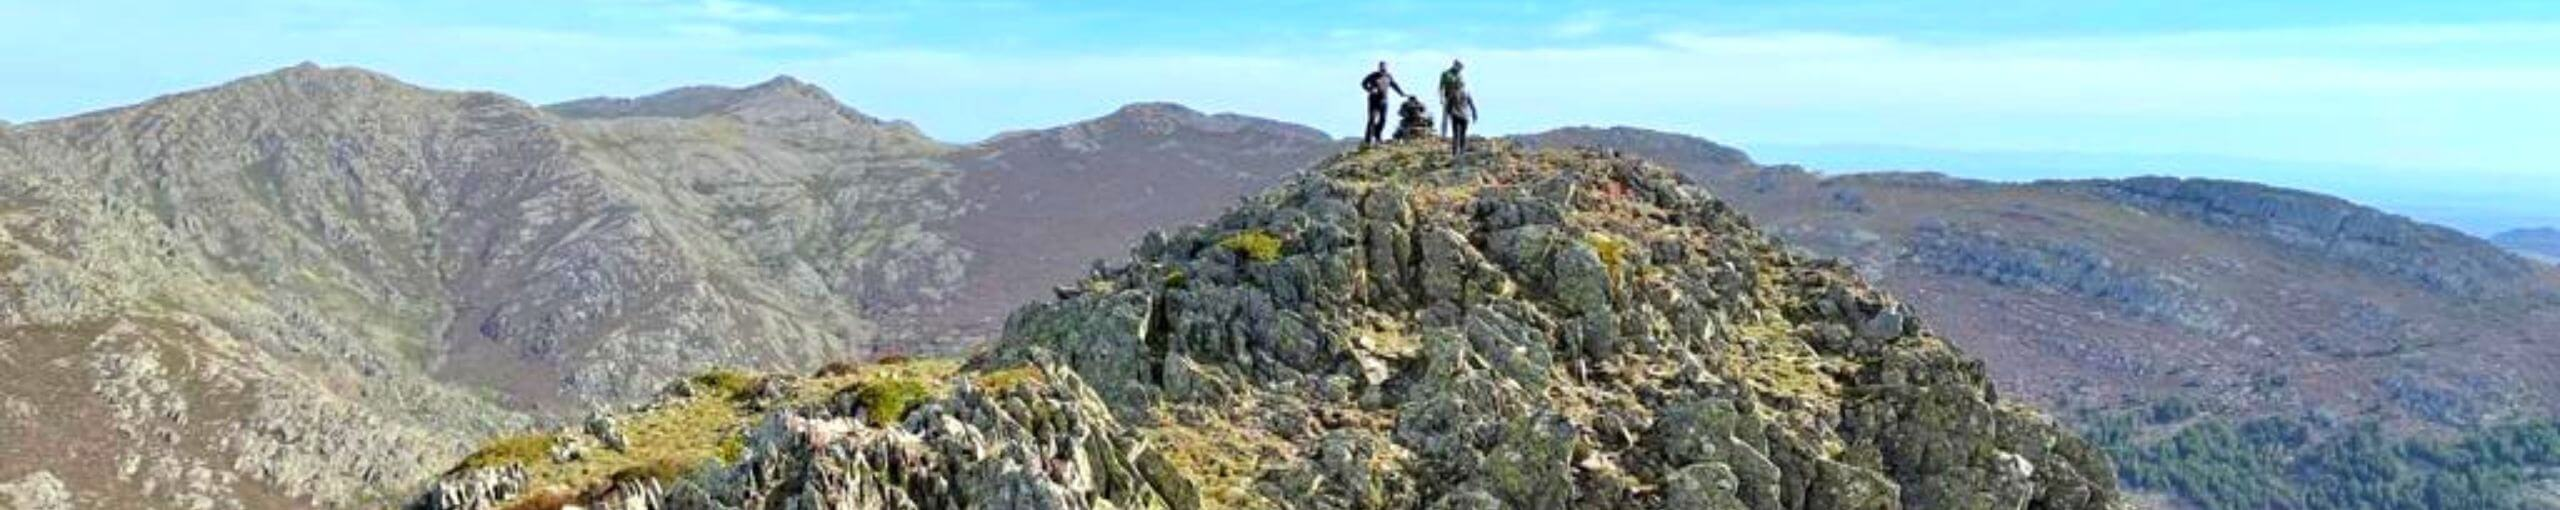 Cresta del Dragón. Guadalajara, Castilla la Mancha.